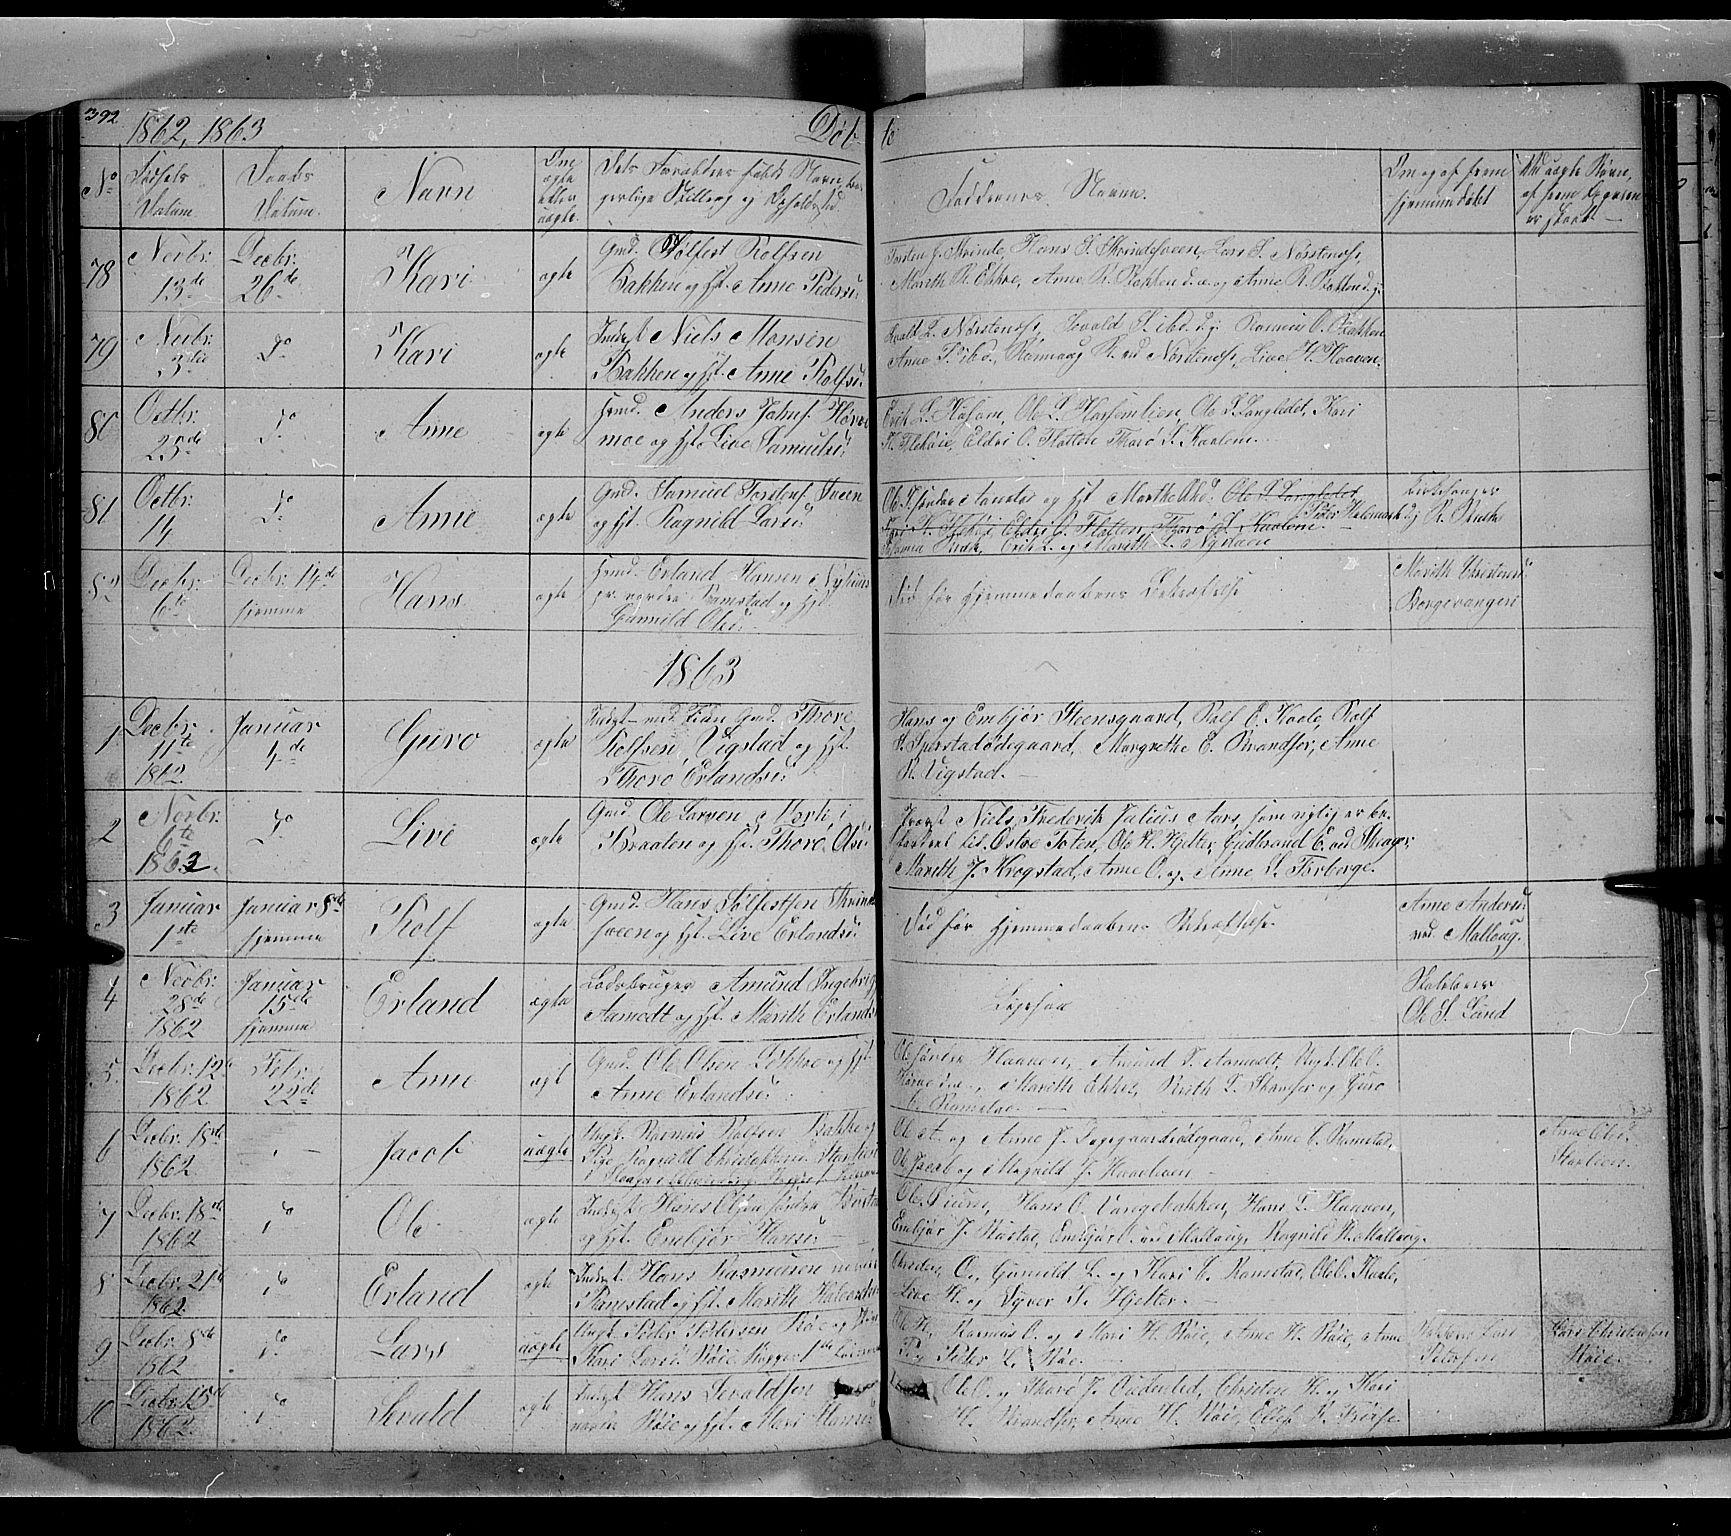 SAH, Lom prestekontor, L/L0004: Klokkerbok nr. 4, 1845-1864, s. 392-393